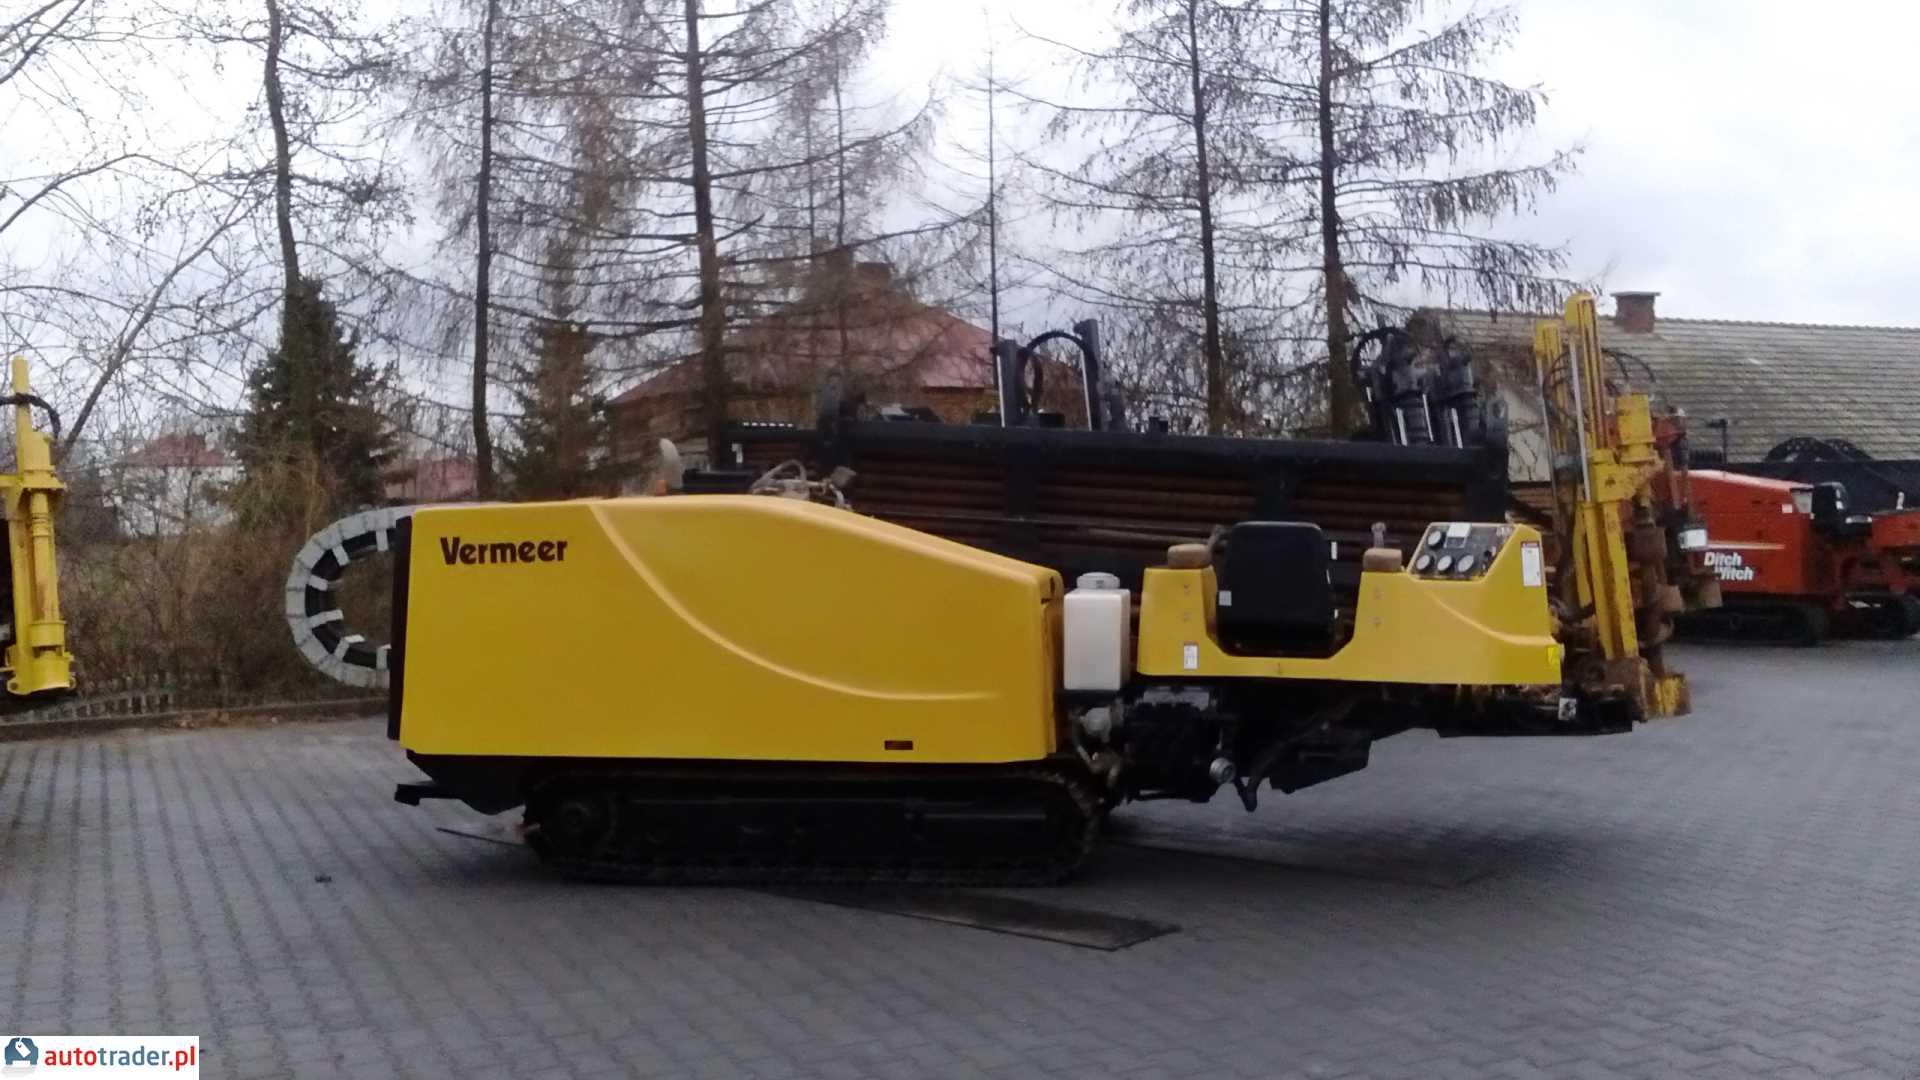 Vermeer 36x50 2005r.